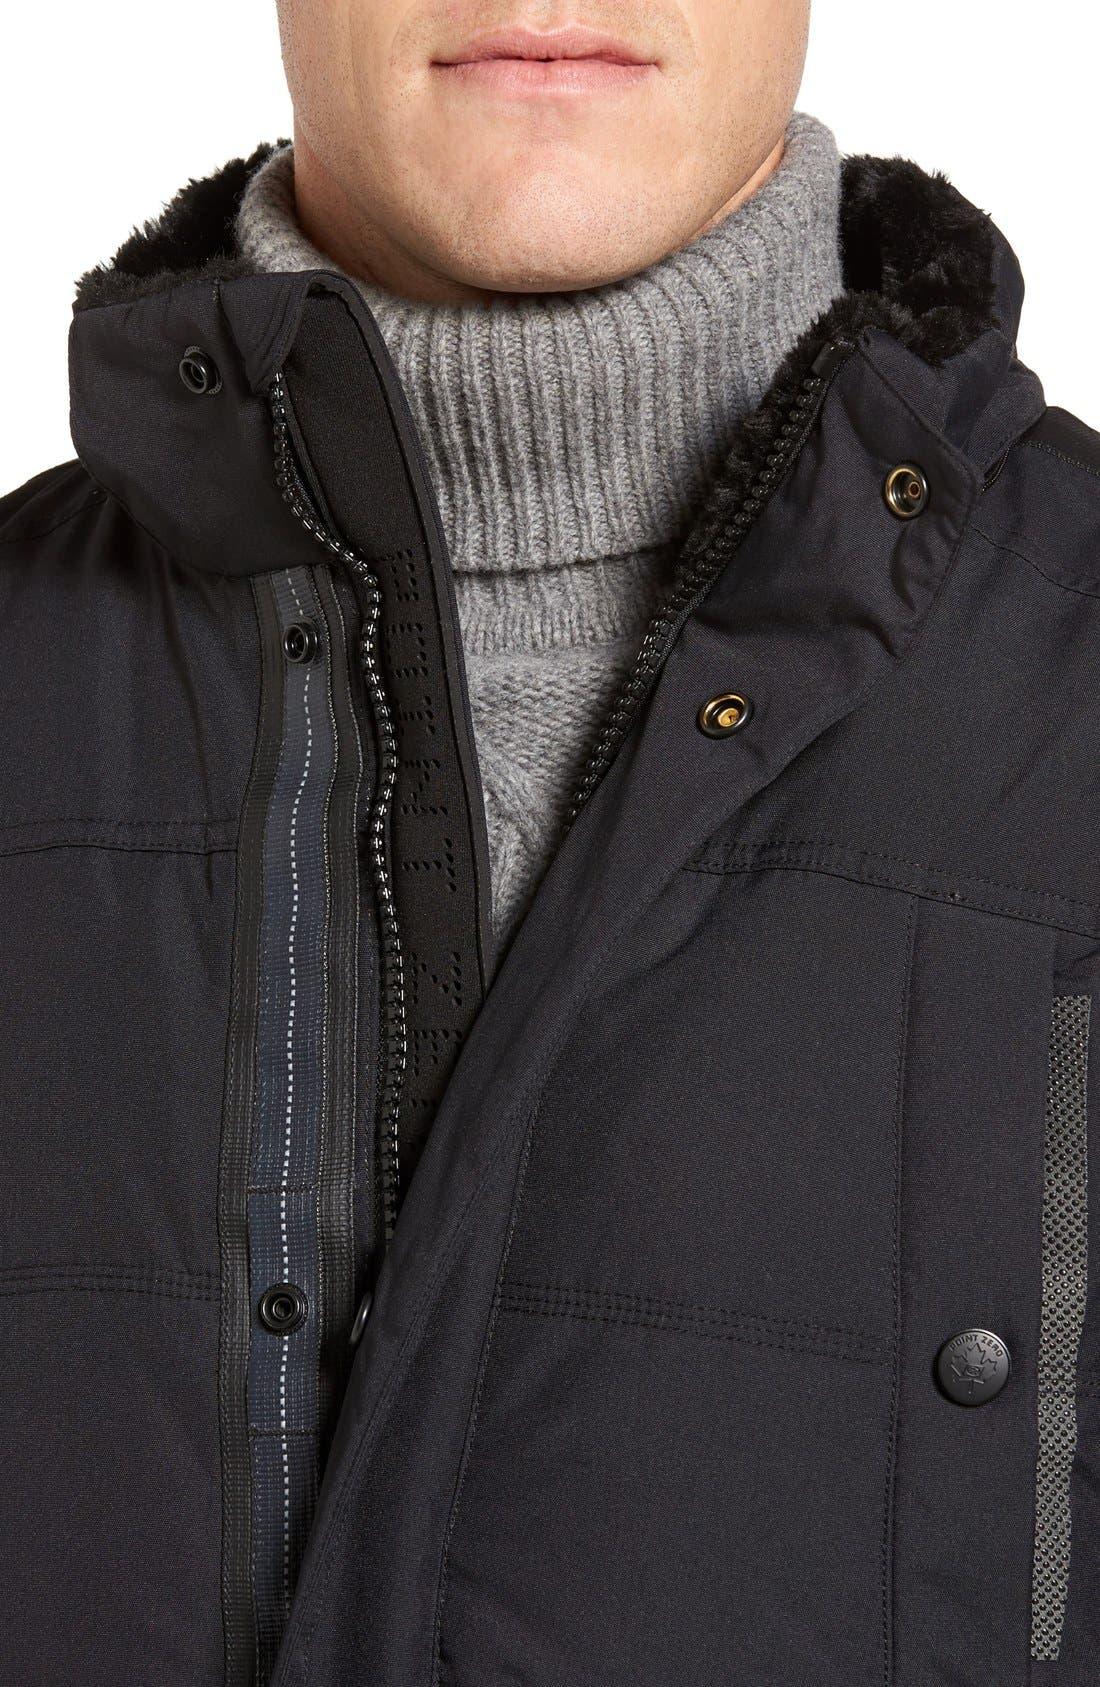 Down Jacket with Faux Fur Trim,                             Alternate thumbnail 4, color,                             001